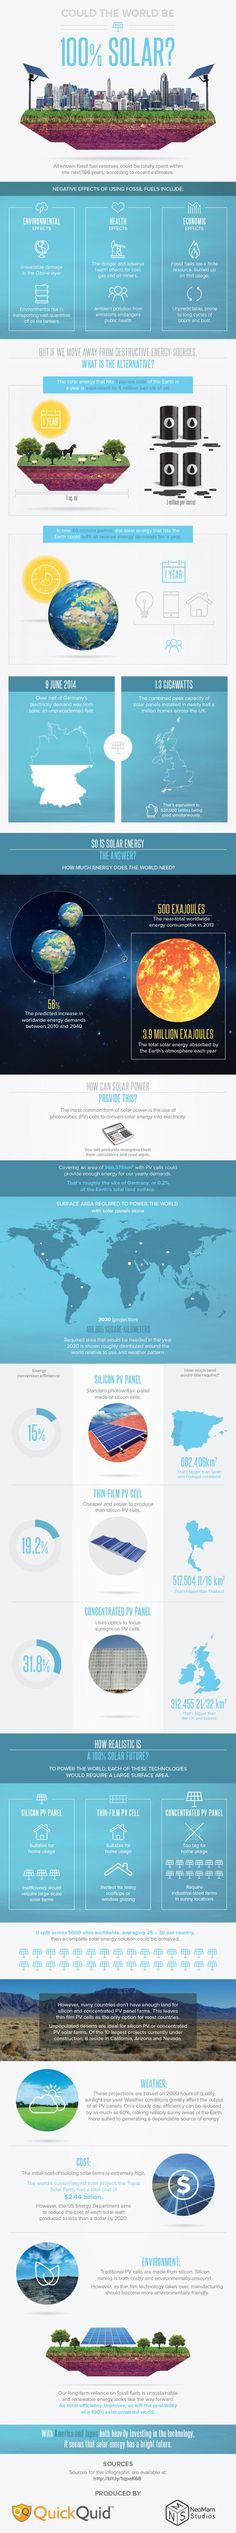 Estadísticas interesantes sobre la capacidad solar en nuestro planeta.